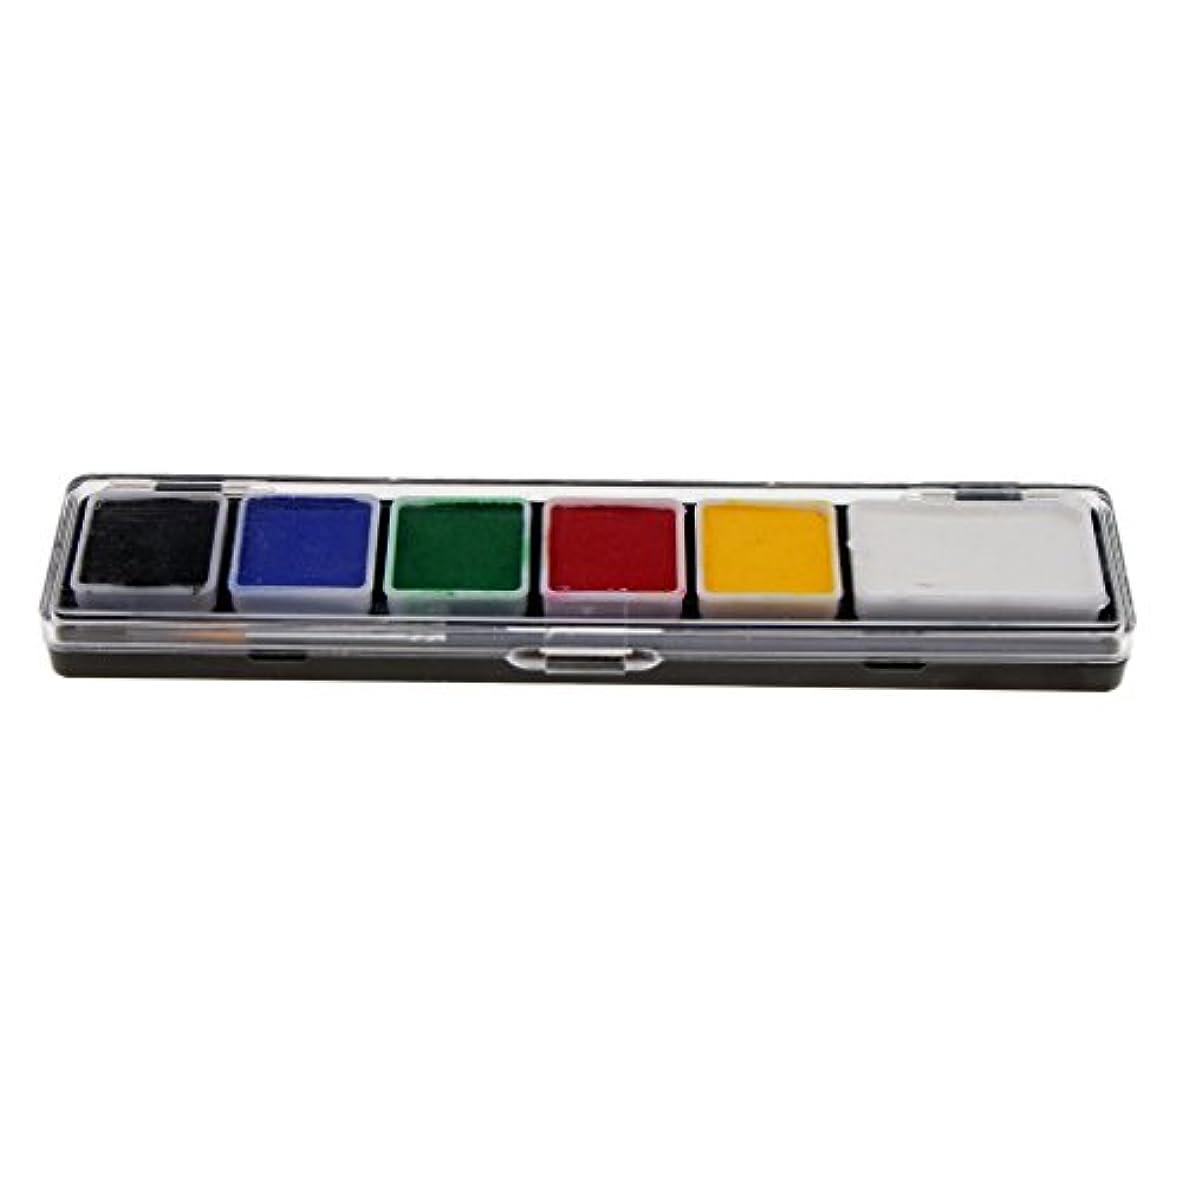 重荷偏見アーサーコナンドイルToygogo 6色の無毒なフェイス&ボディペイントペイントブラシキットと派手なパーティーアートツール - RT005A